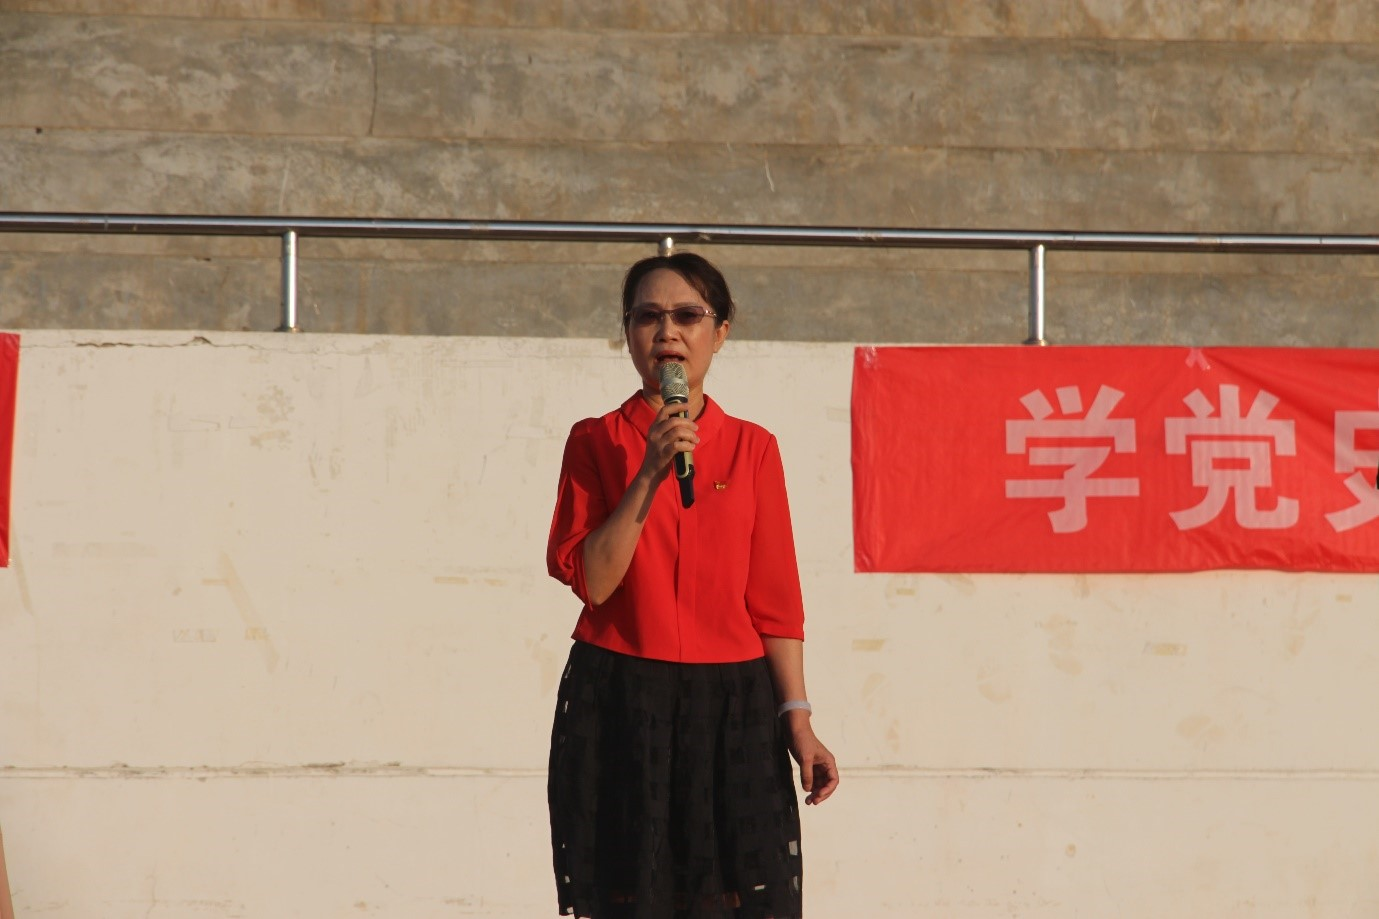 青年之声·记九州bet9娱乐ju111历史文化学院升旗仪式